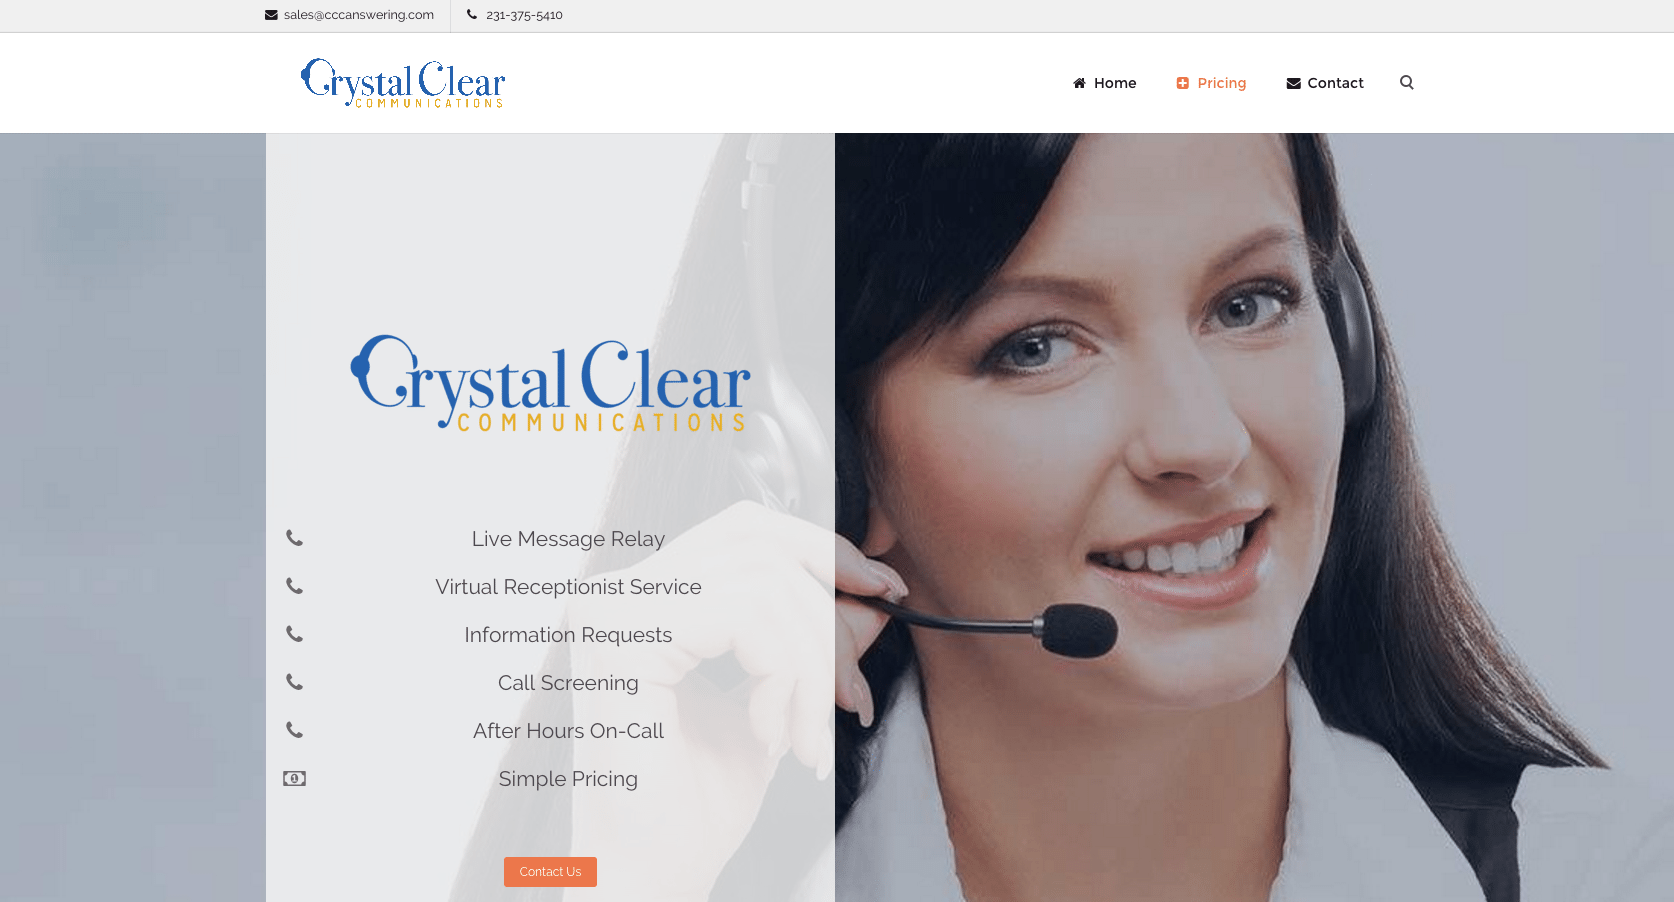 crystalclear